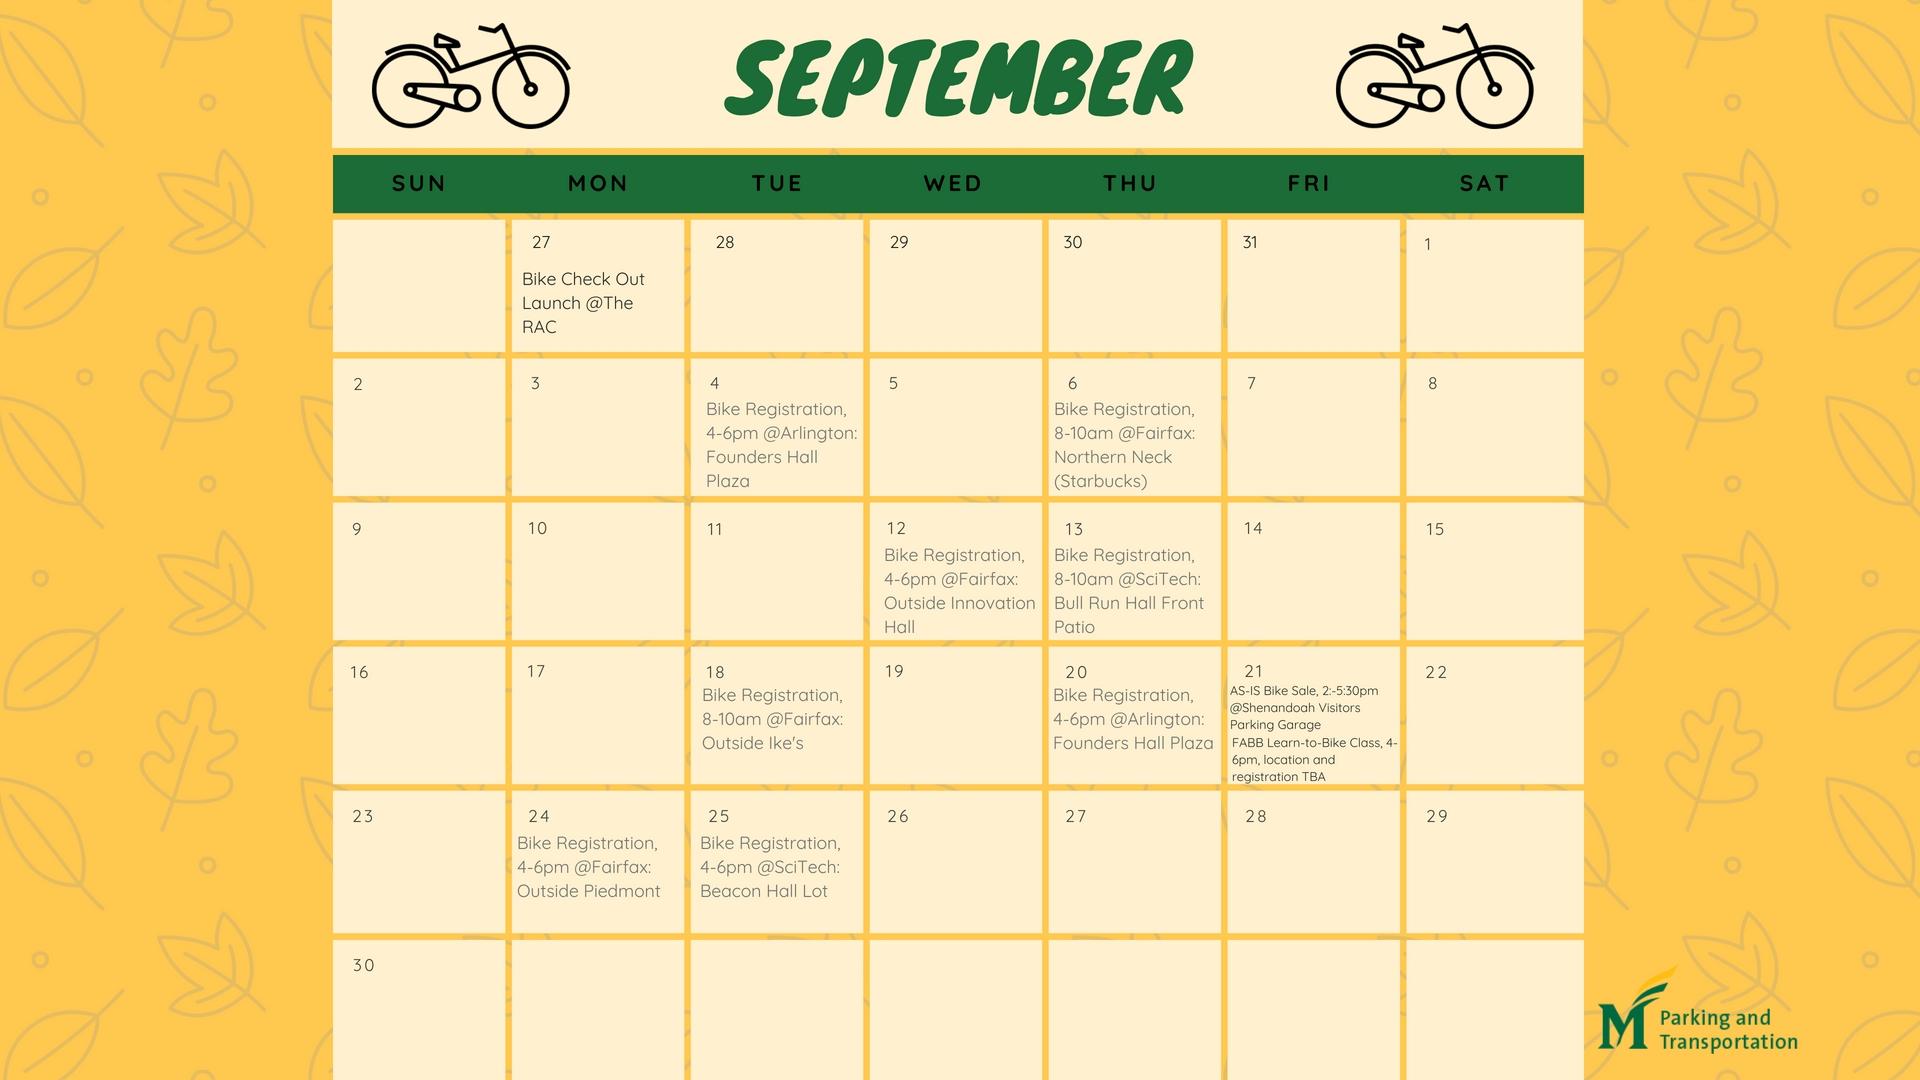 Biking Events In September - Parking And Transportation intended for Gmu Calendar 2019-2020